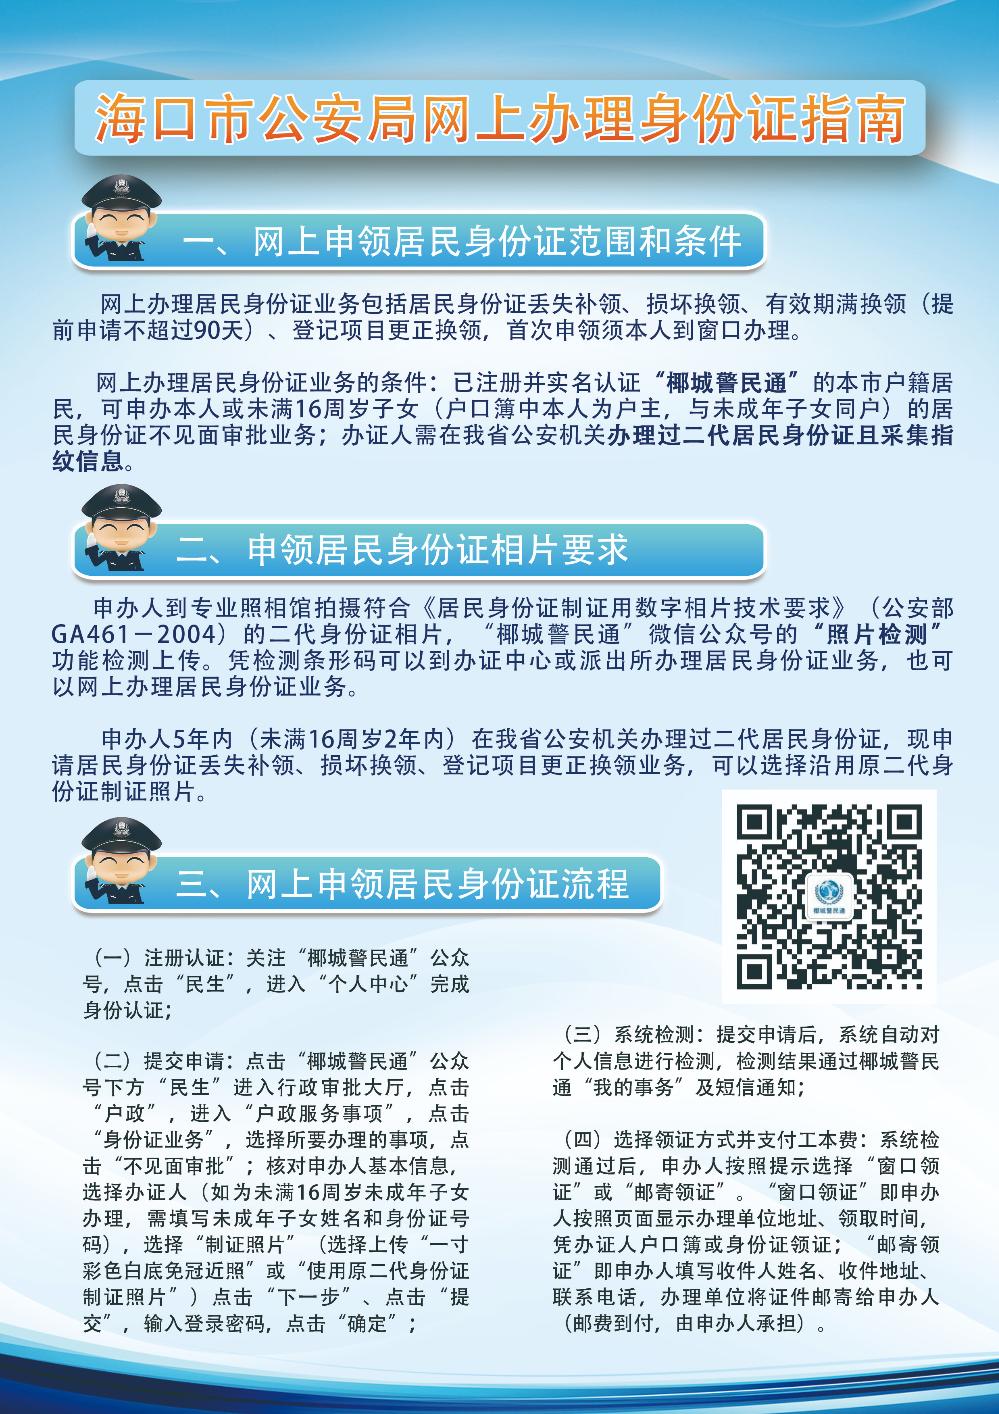 近期海口身份证办理业务陡增 警方提示:网上办理更方便!